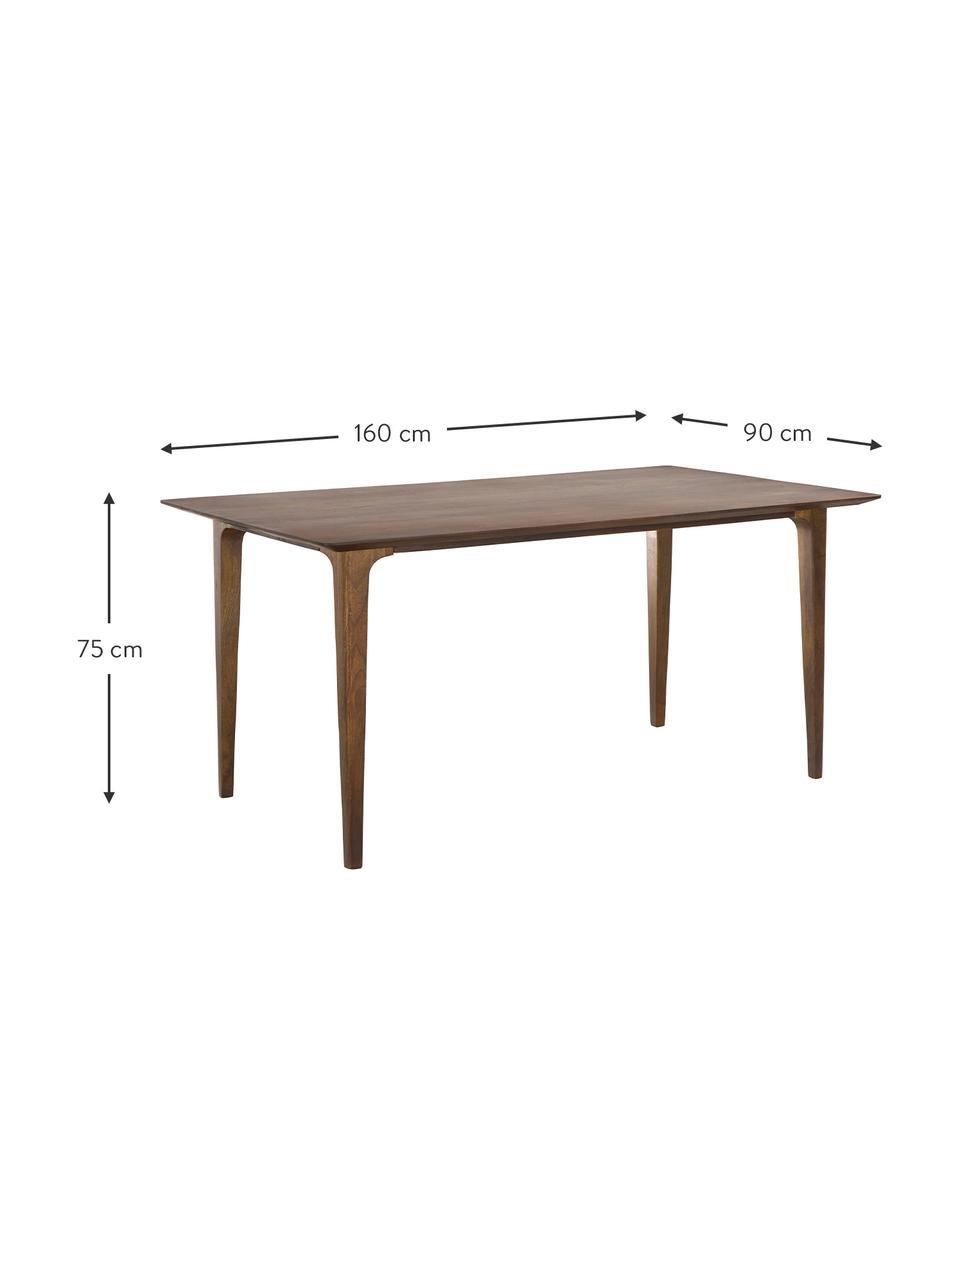 Stół do jadalni z drewna mangowego Archie, Lite drewno mangowe, lakierowane, Drewno mangowe lakierowane na ciemno, S 160 x G 90 cm